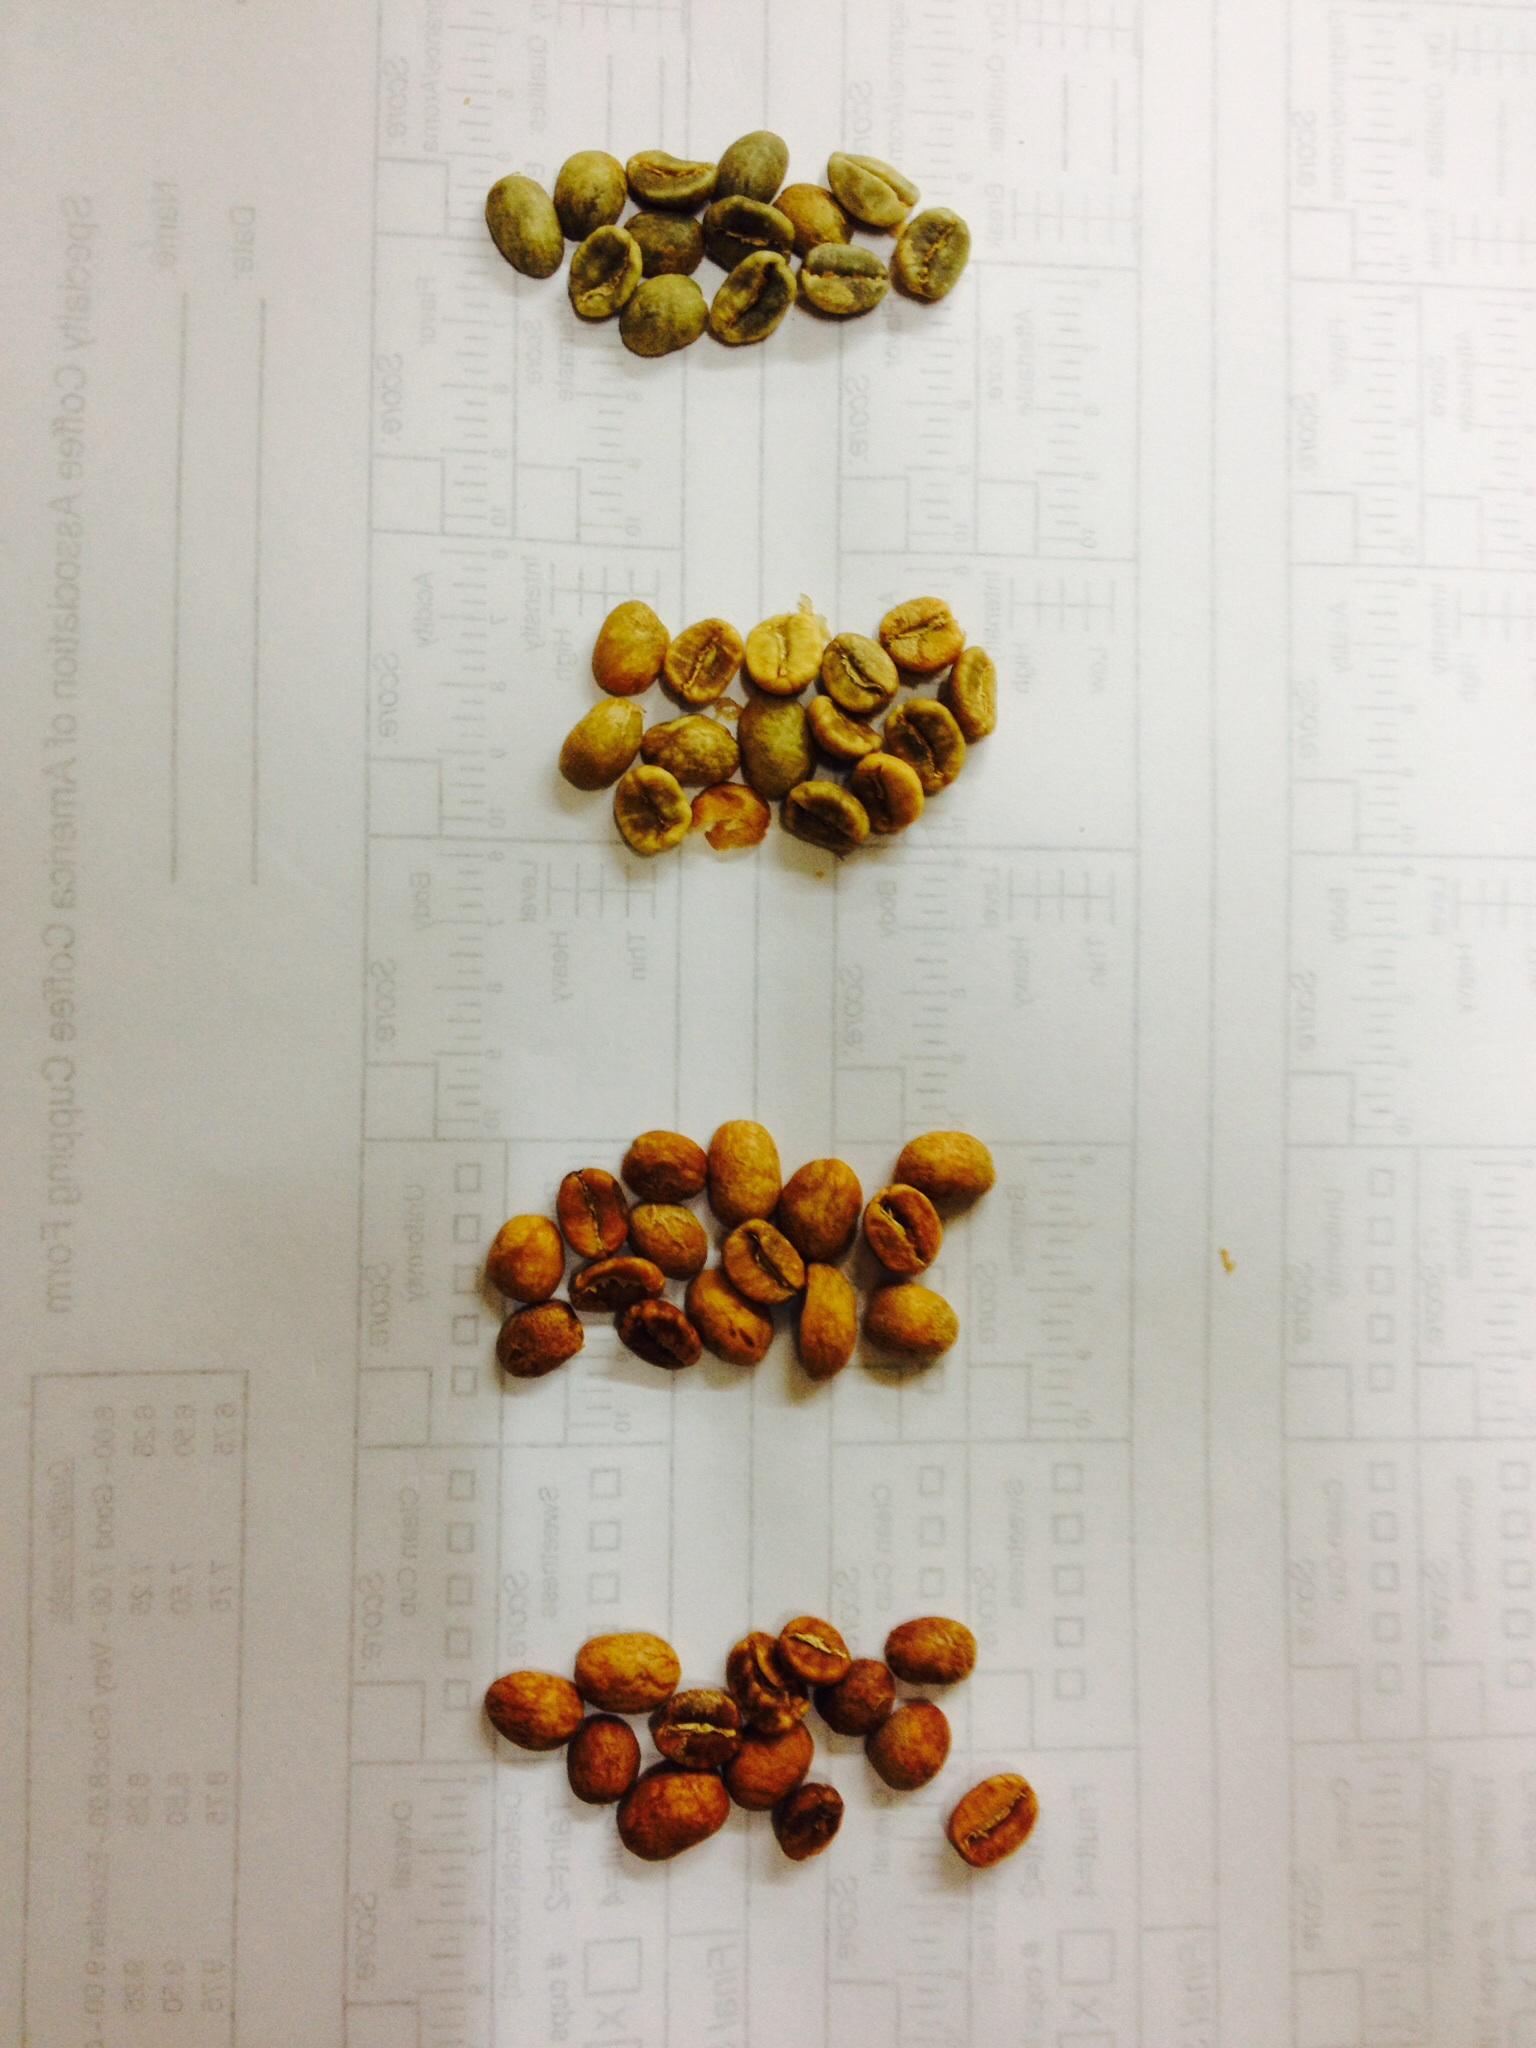 コーヒー豆/beans